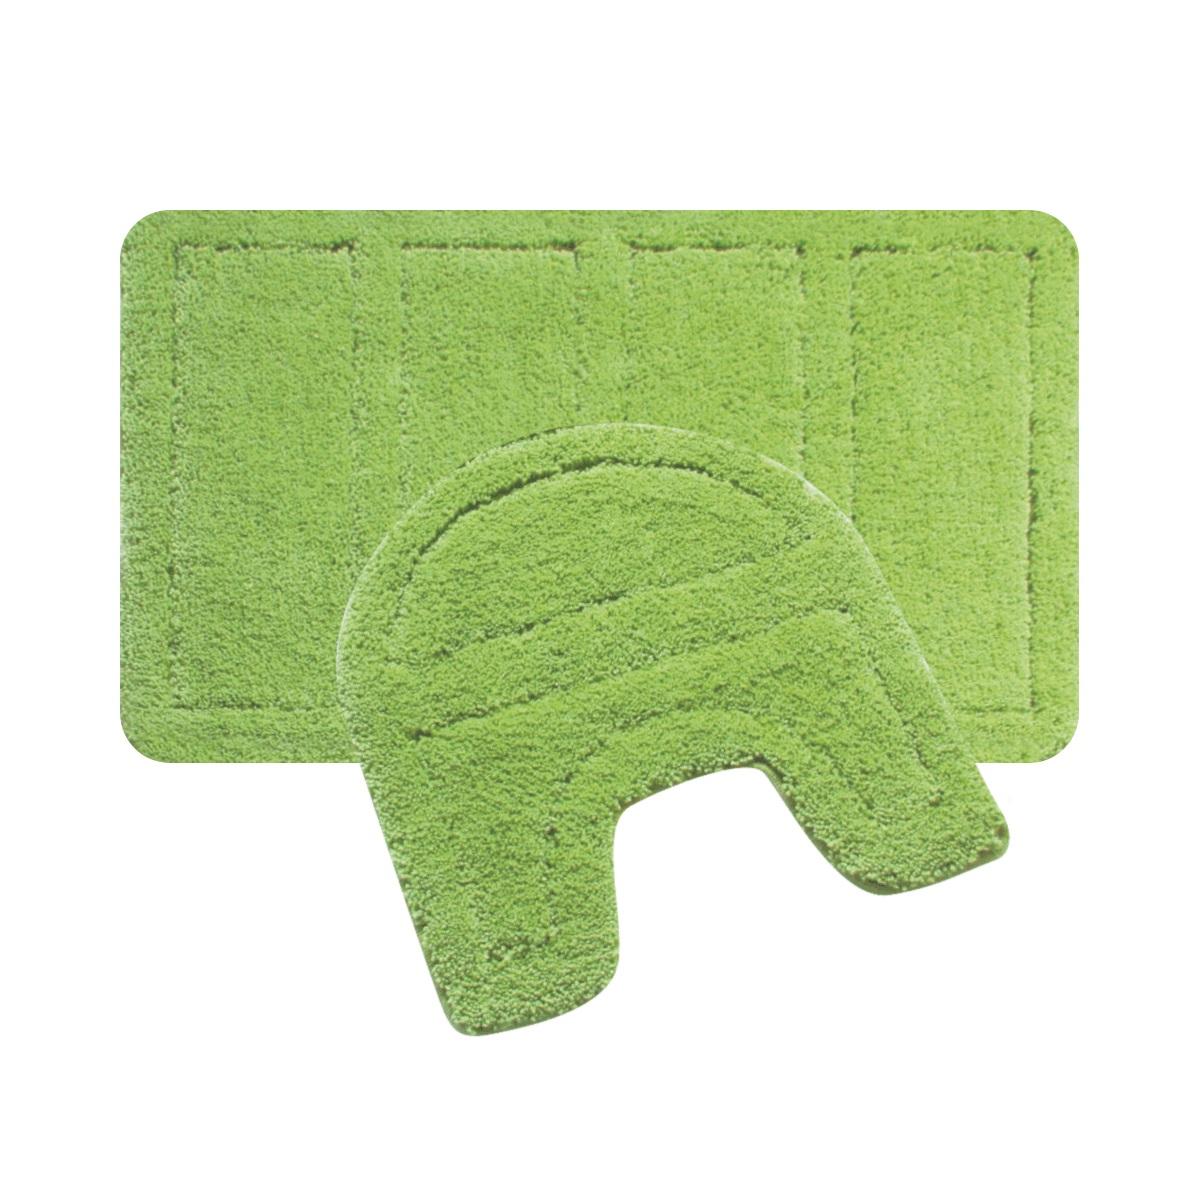 Набор ковриков для ванной Iddis Green Landscape, цвет: зеленый, 60 х 90 см, 50 х 50 см, 2 шт240M590i13Набор ковриков для ванной комнаты и туалета Iddis выполнен из 100% полиэстера. Коврики имеют специальную латексную основу, благодаря которой они не скользят на напольных покрытия в ванной, что обеспечивает безопасность во время использования. Коврики изготавливаются по специальным технологиям машинного ручного тафтинга, что гарантирует высокое качество и долговечность.Высота ворса: 2,5 см.